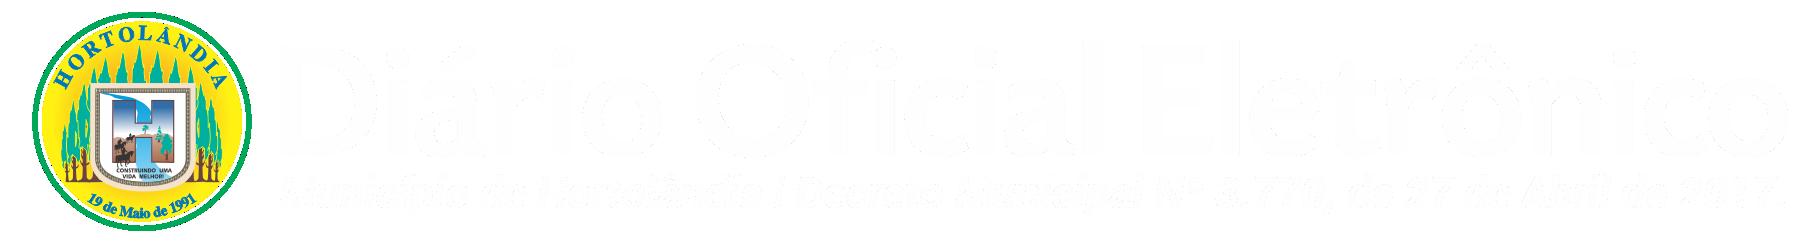 Diario Oficial Eletrônico do Município de Hortolândia - SP